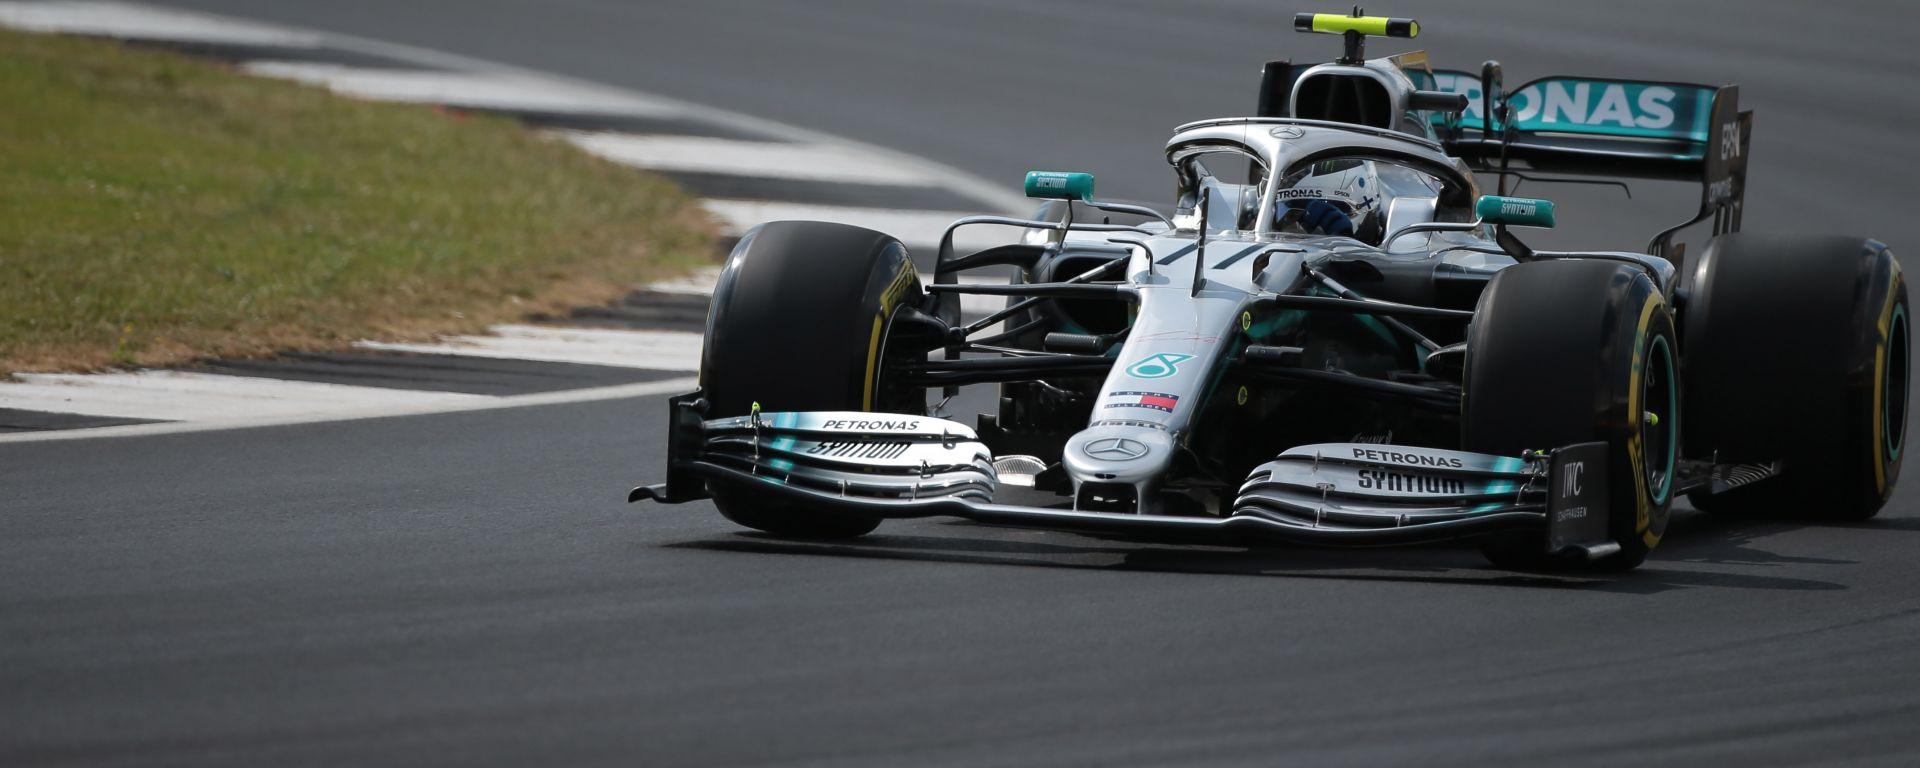 GP Gran Bretagna 2019, Valtteri Bottas (Mercedes)